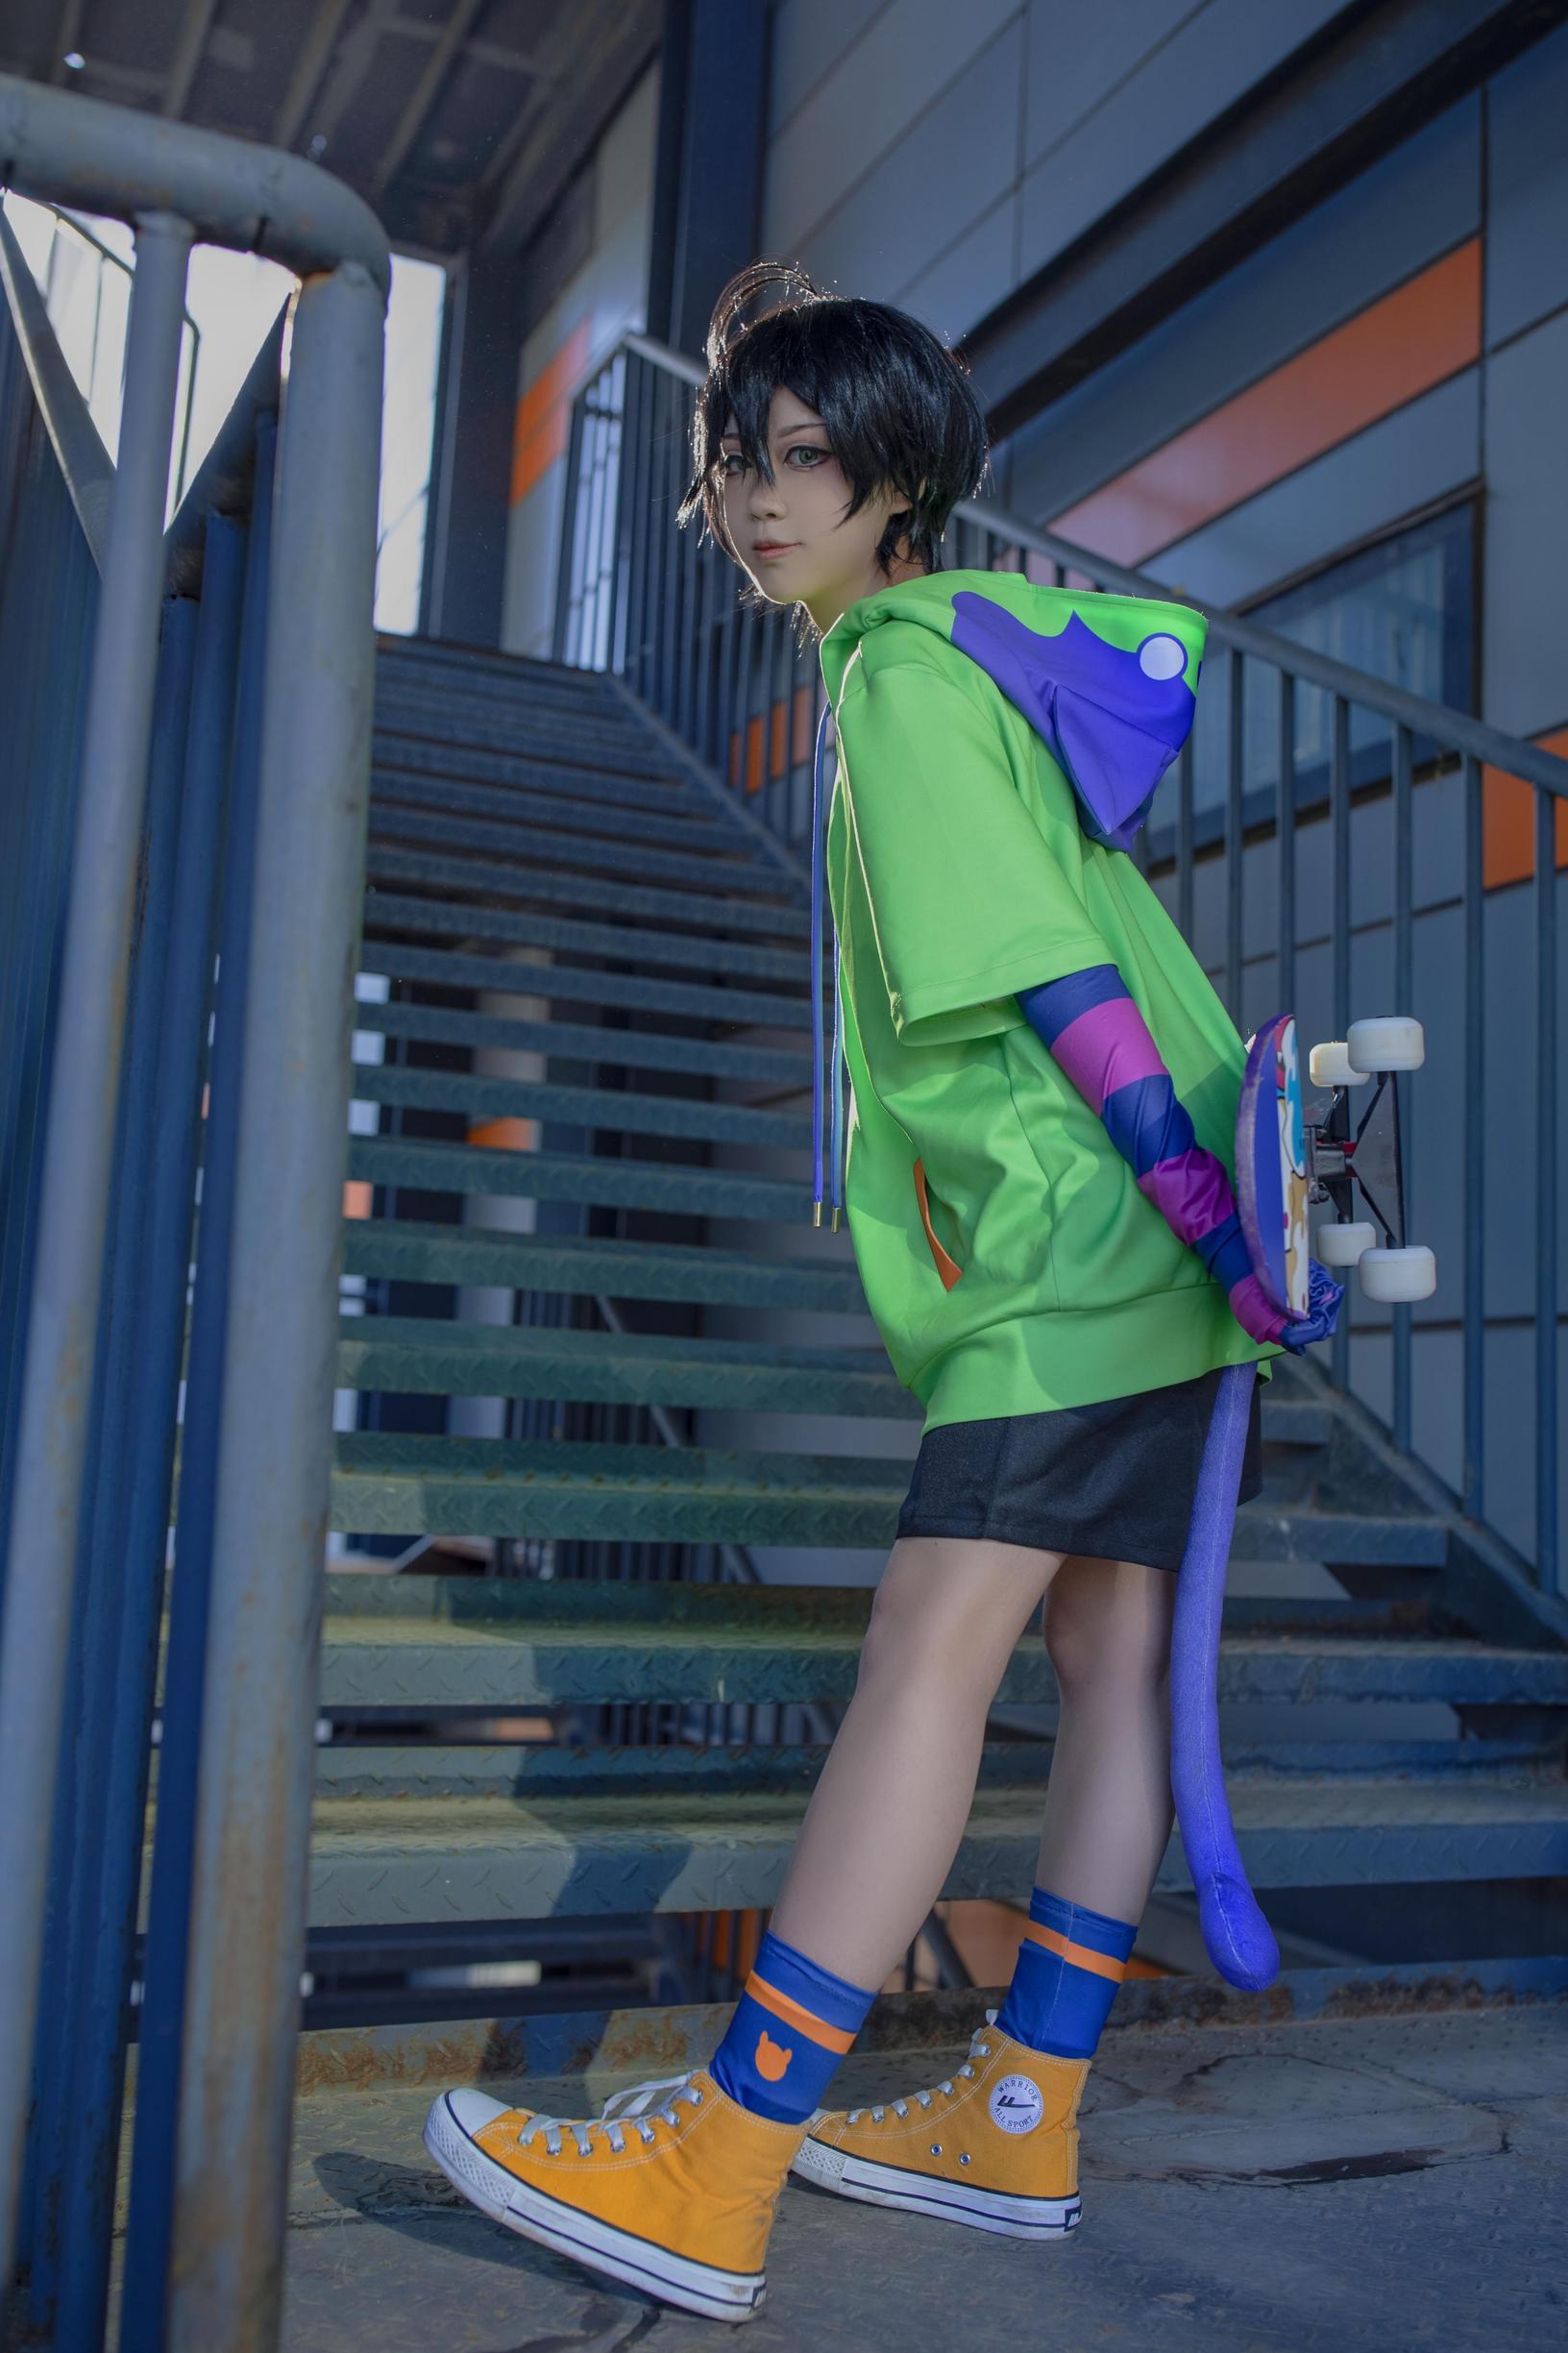 《无限滑板》正片cosplay【CN:摩多摩多柑橘】 -cosplay衣服女图片插图